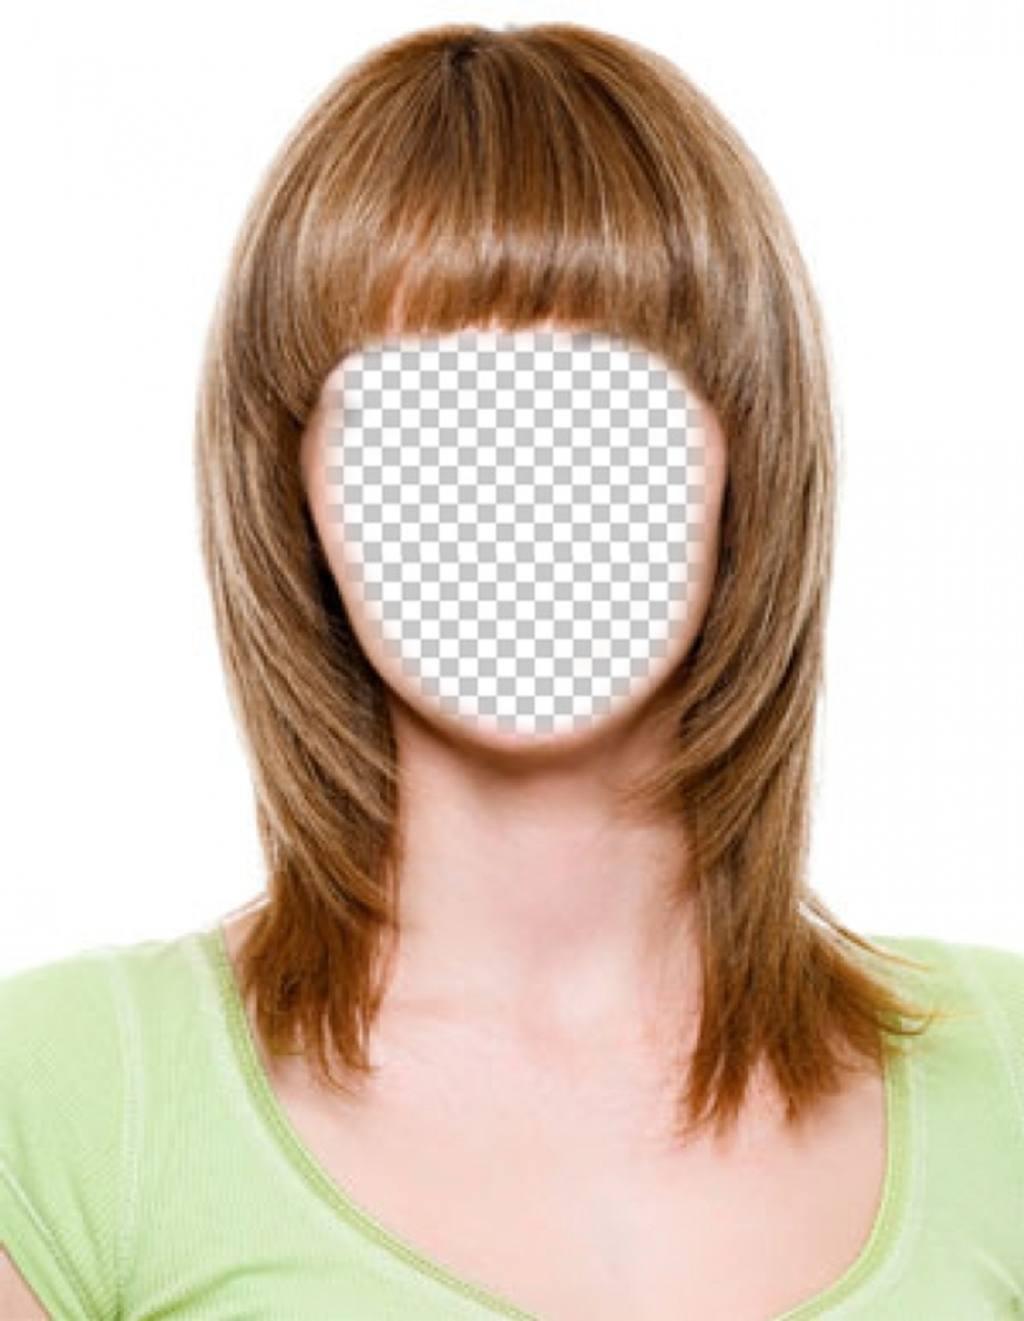 Changez vos cheveux brun clair et court avec ce photomontage pour modifier leffet